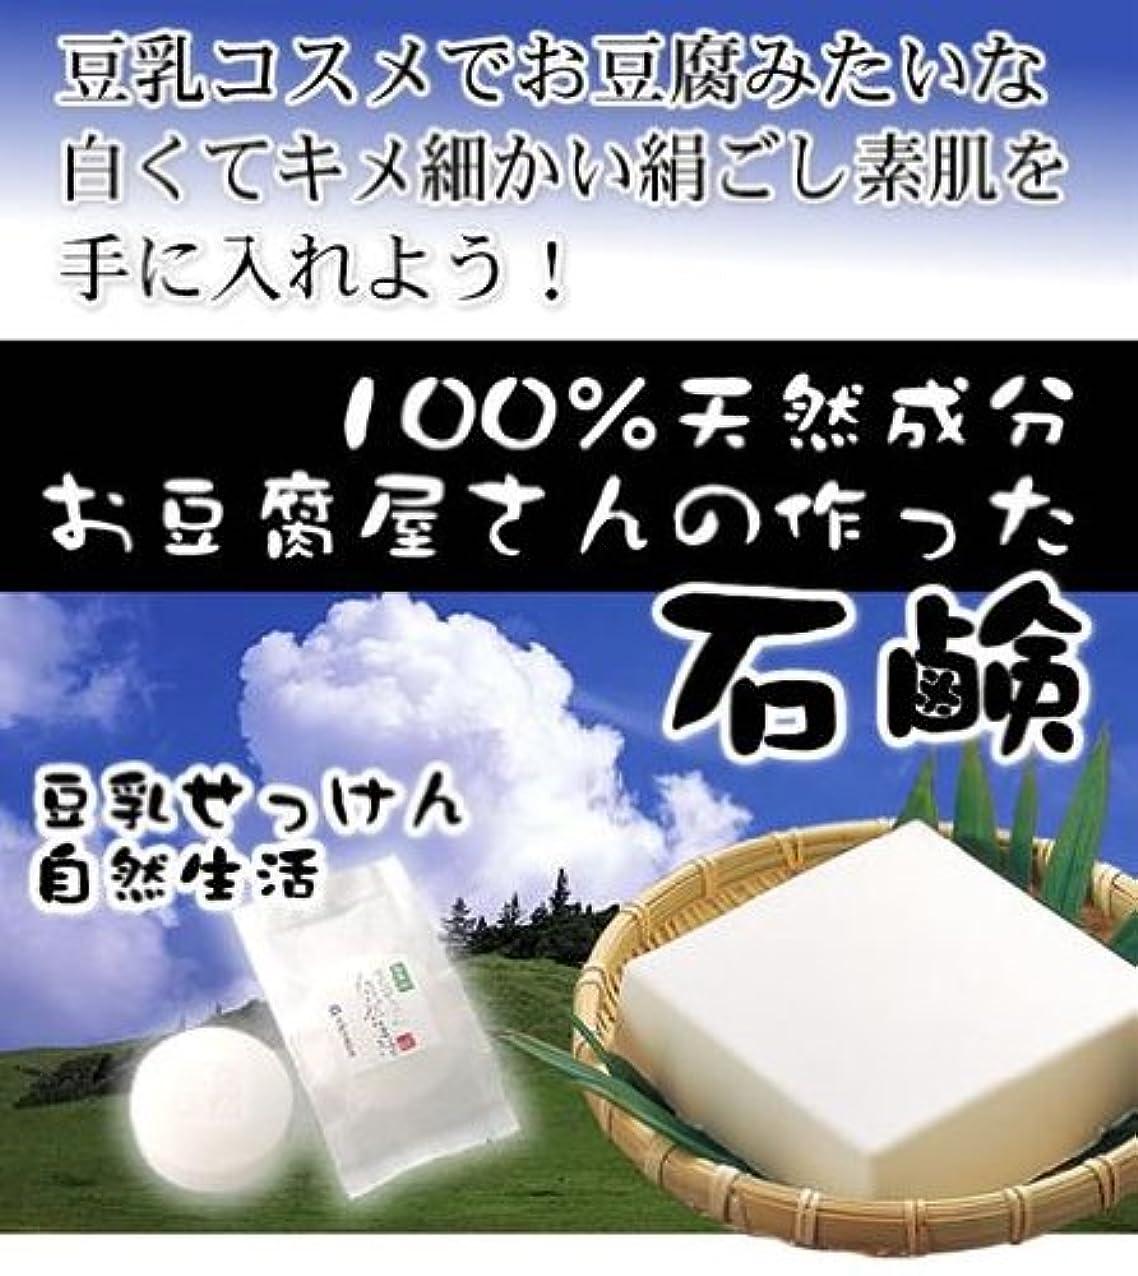 鳩儀式鳩豆腐の盛田屋 豆乳せっけん 自然生活/引越し/新生活/プレゼント/ギフト